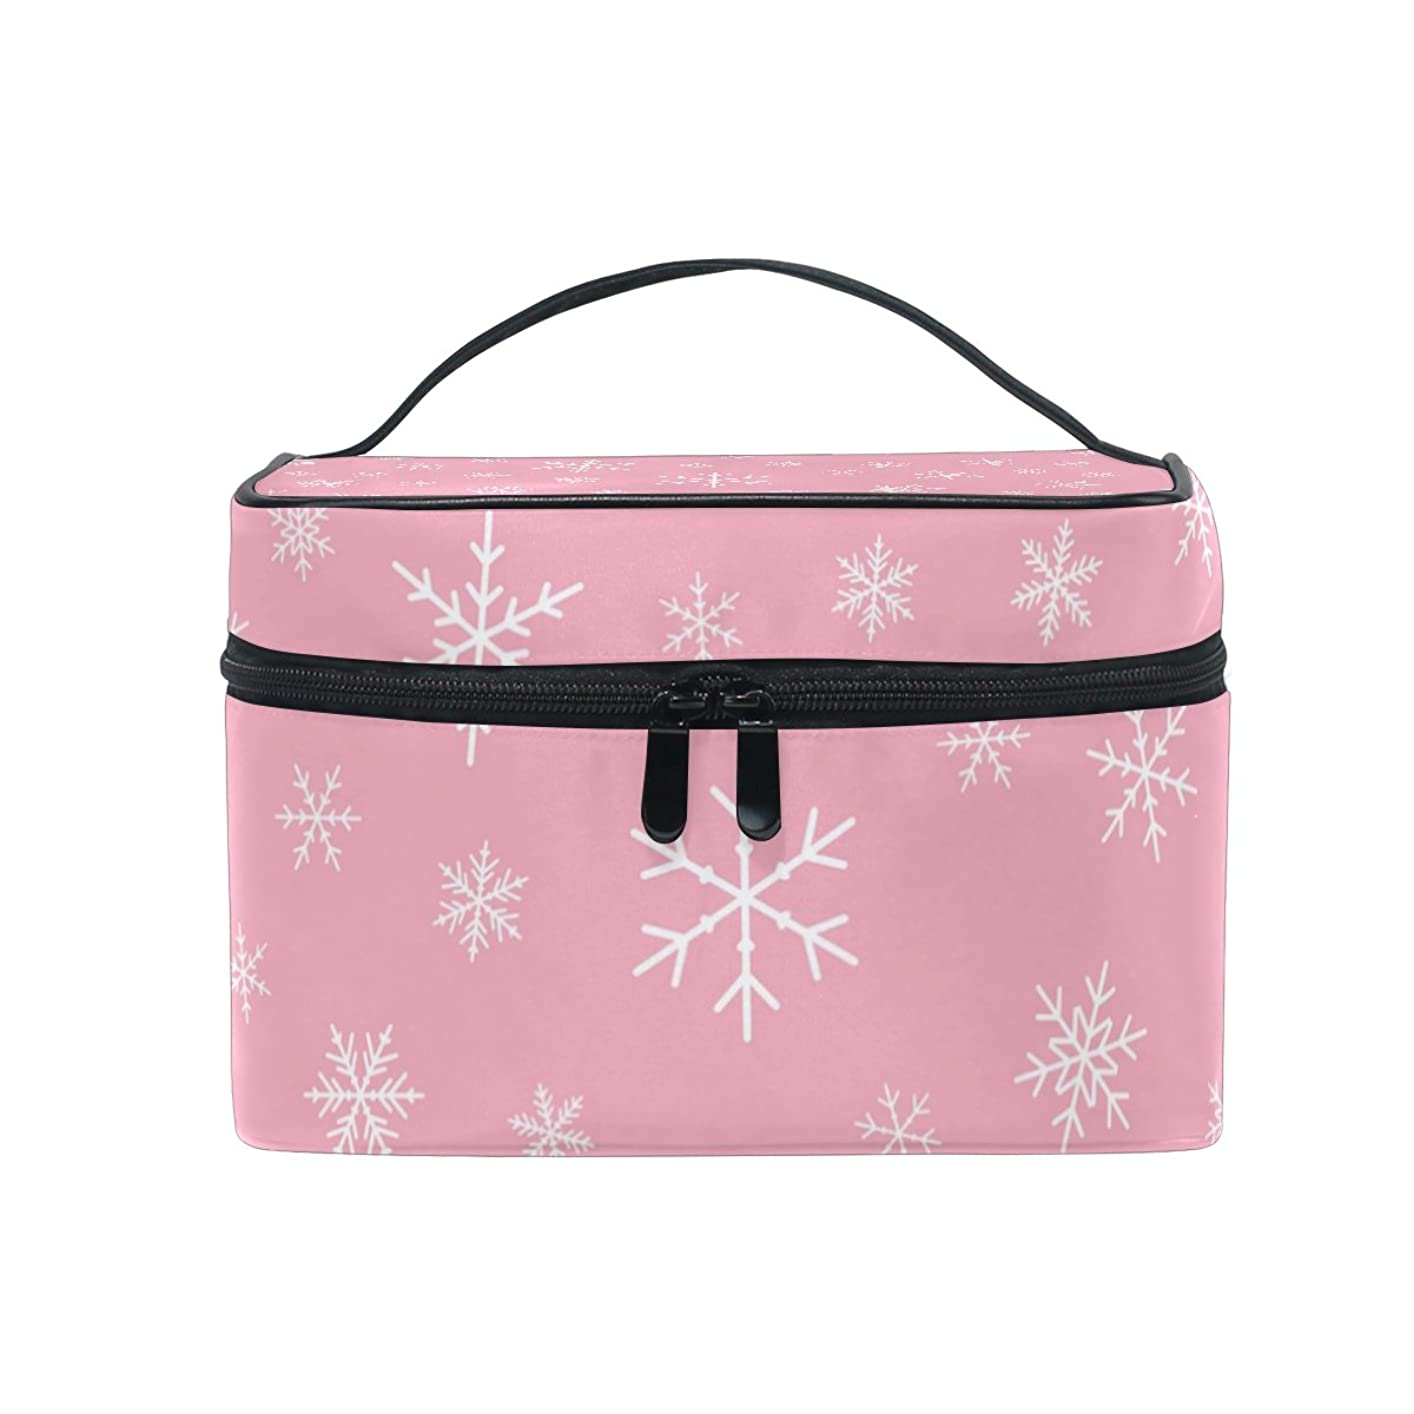 医学汚い邪悪なALAZA 化粧ポーチ 雪柄 ゆき柄 化粧 メイクボックス 収納用品 ピンク 大きめ かわいい